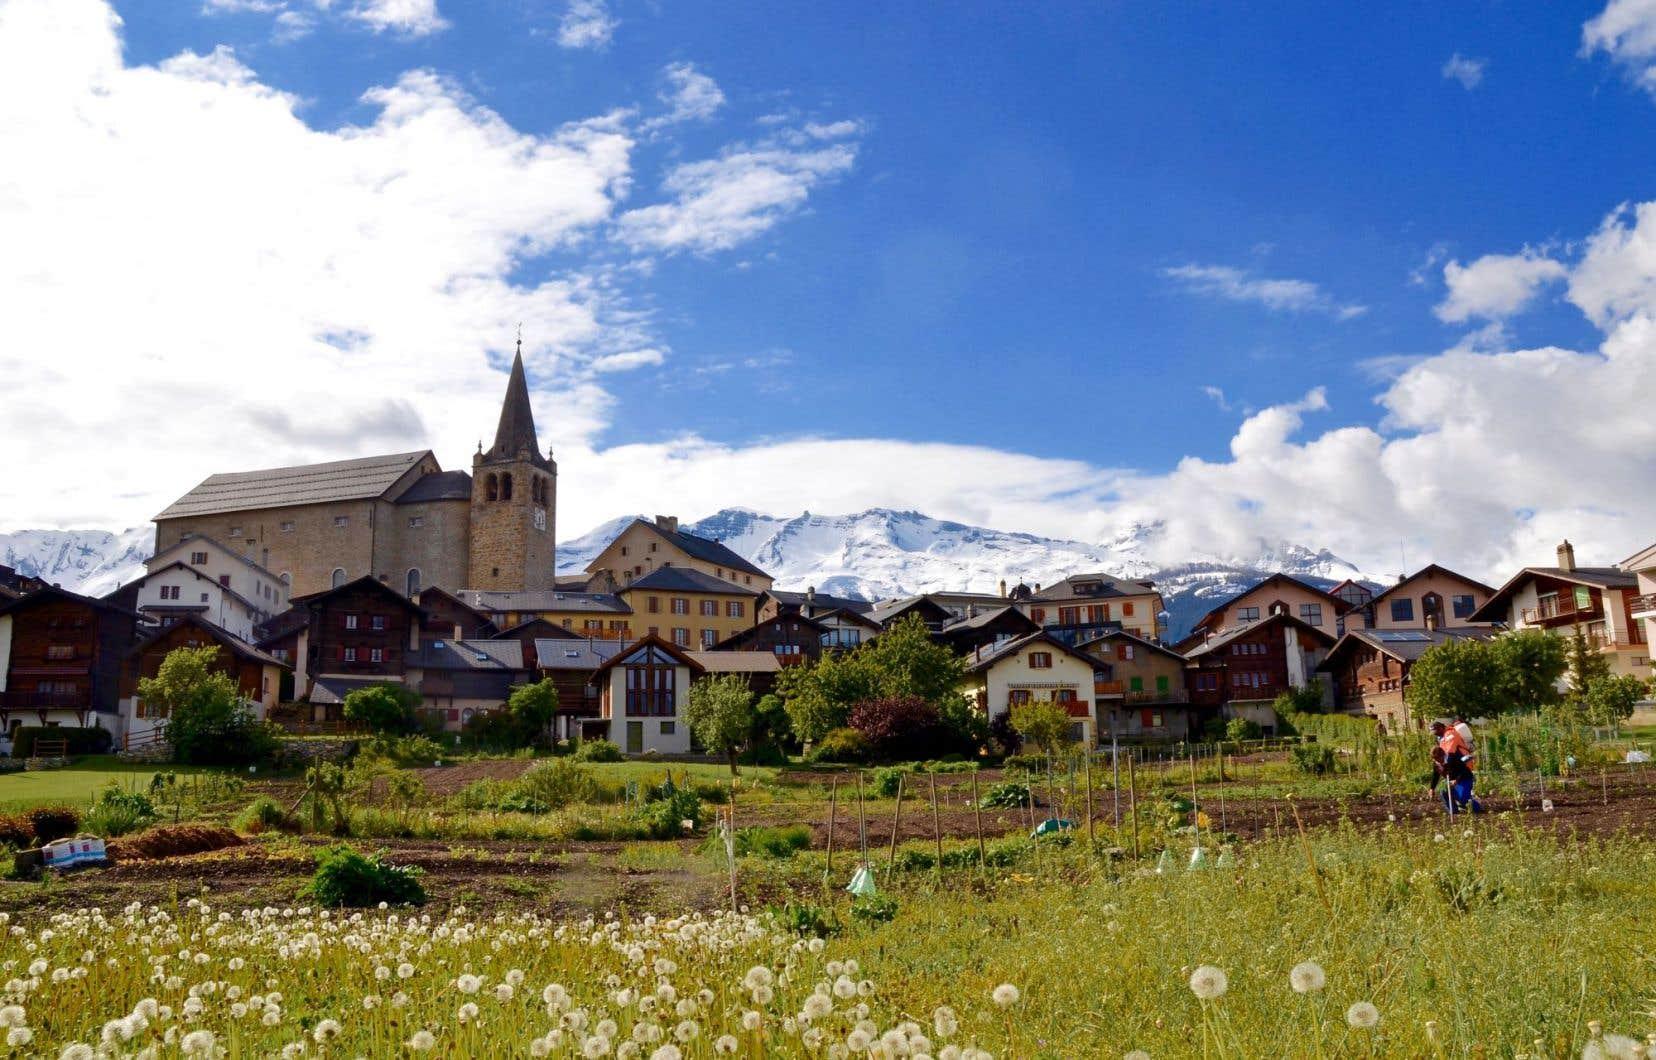 La station touristique Crans-Montana propose, avec les villages voisins, une foule d'activités qui plairont tant aux sportifs qu'aux visiteurs épris de bonne chère, de vins et de traditions.